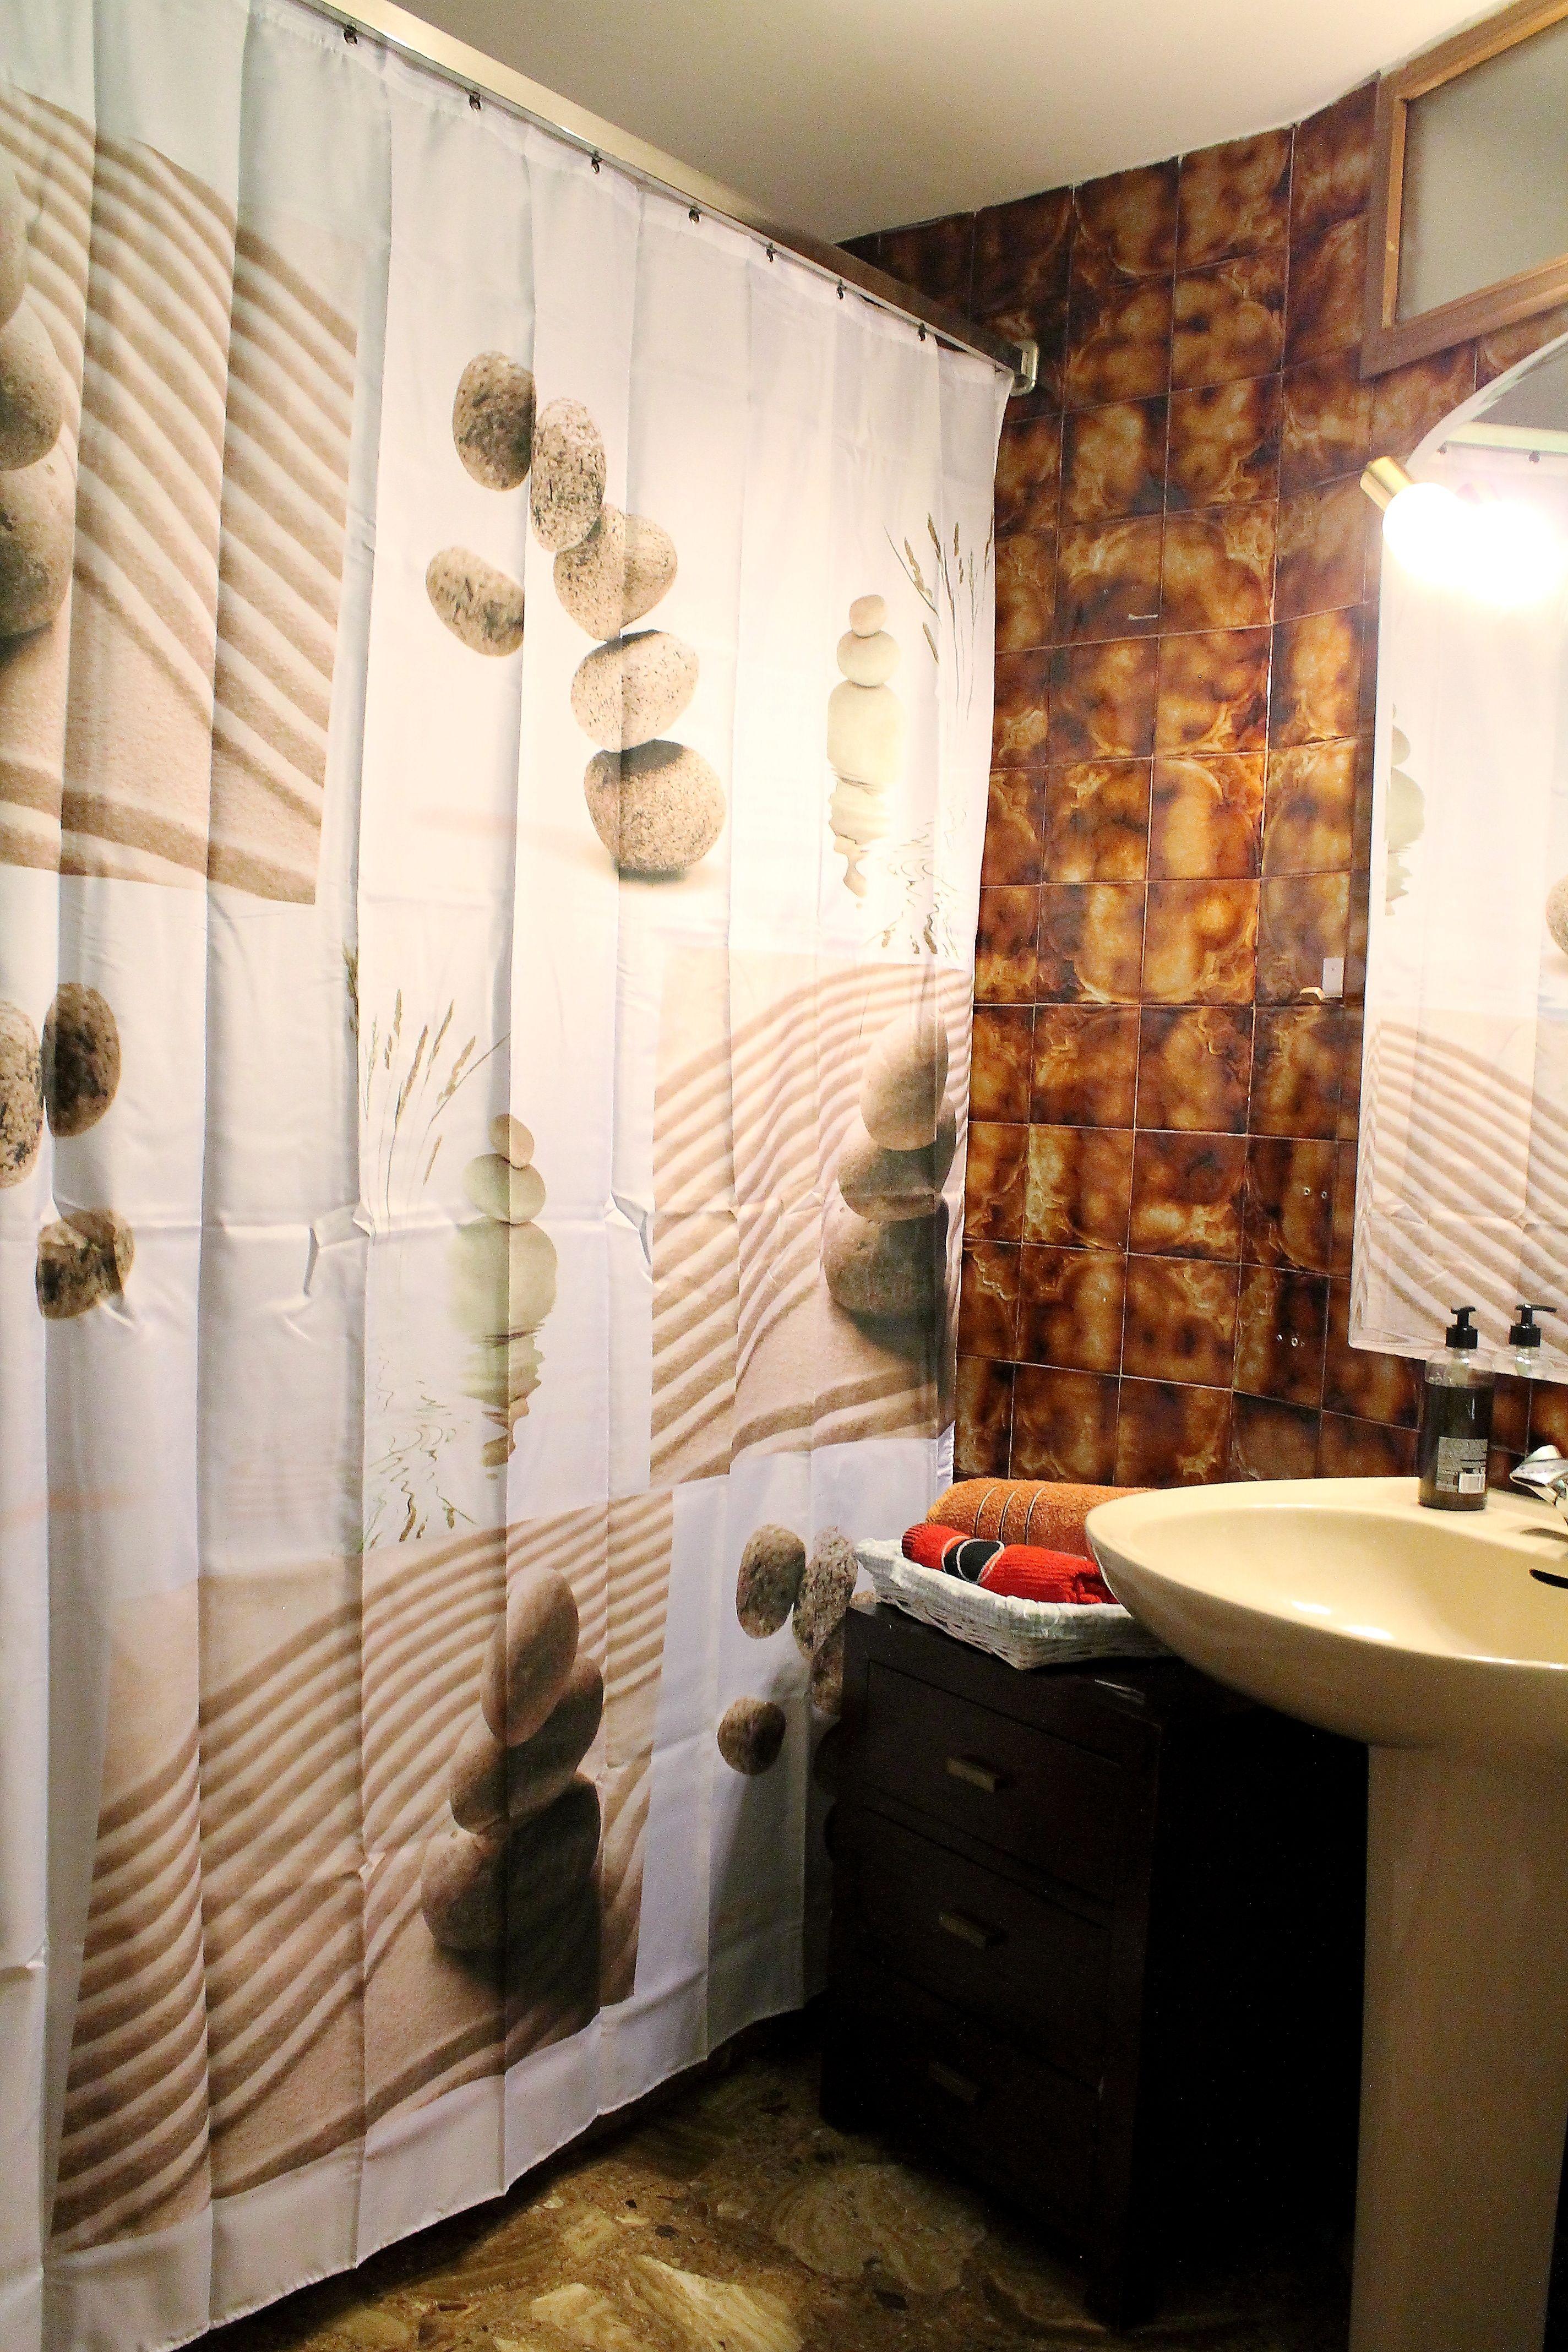 Instalaciones cuidadas al detalle con la máxima higiene